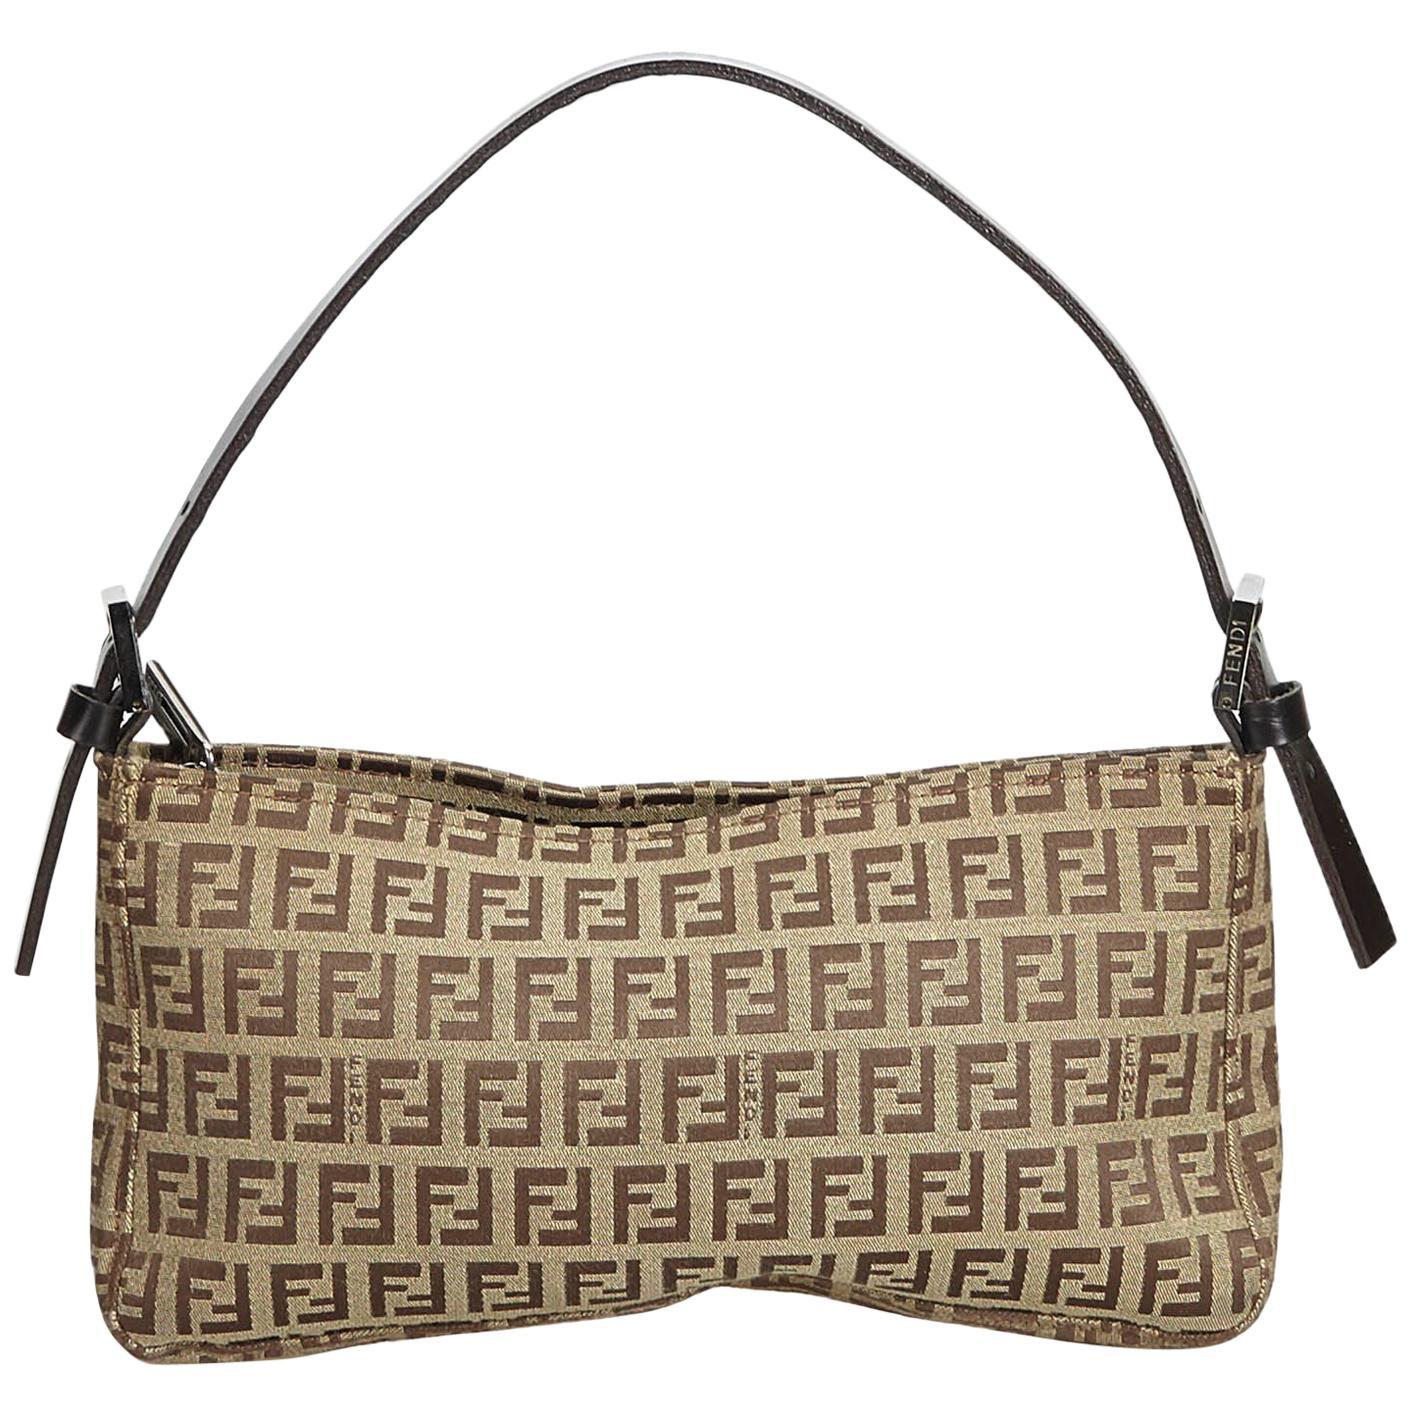 1e755e19ce3c Vintage Fendi Handbags and Purses - 1